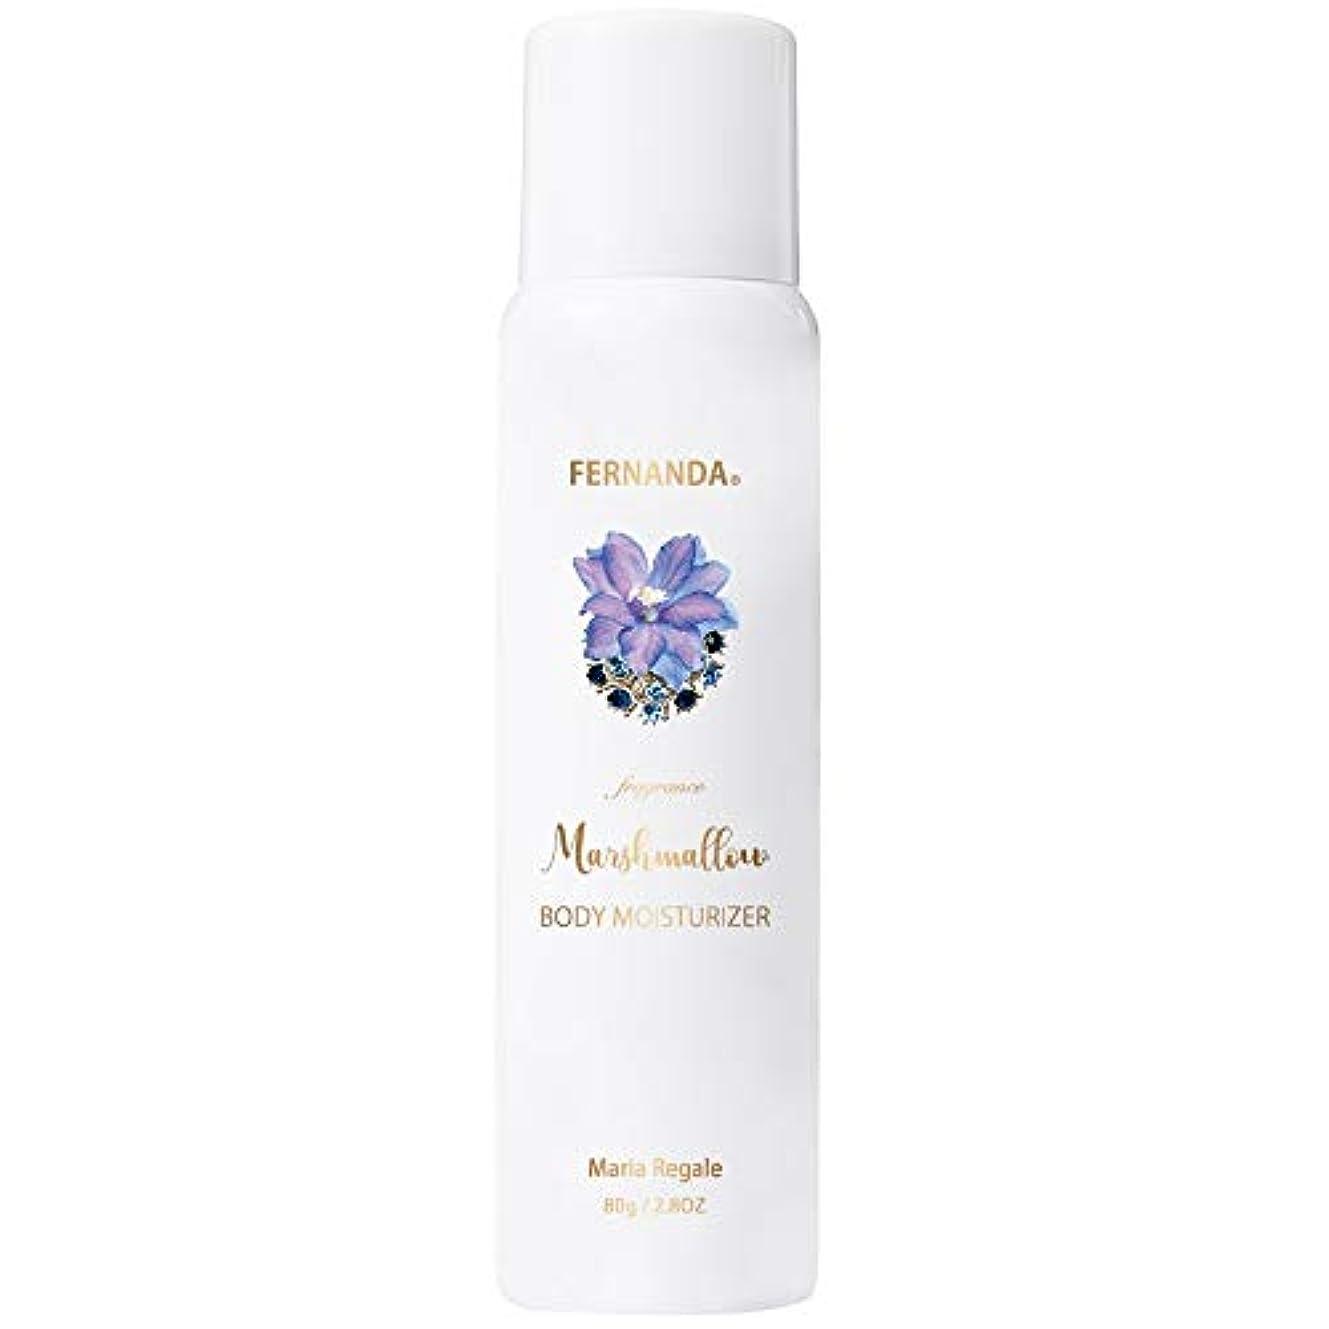 計画犯人リールFERNANDA(フェルナンダ) Marshmallow Body Moisturizer Maria Regale (マシュマロ ボディ モイスチャライザー マリアリゲル)